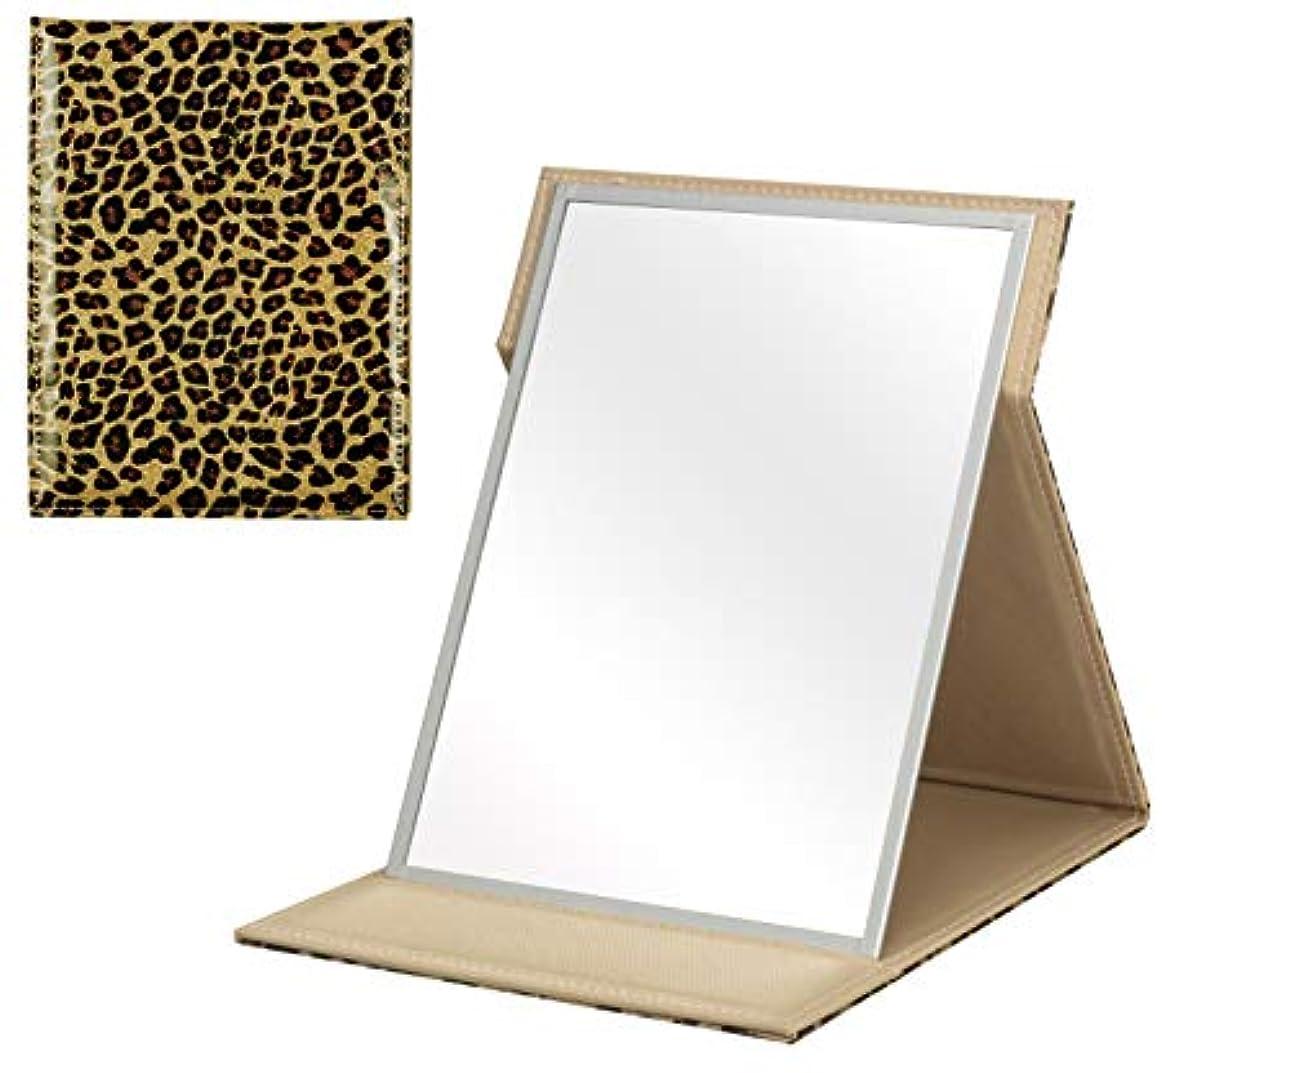 ヒューム干渉するビデオ手鏡 ミラー 折りたたみ 鏡 ヒョウ柄ゴールド フォールディング カバー IMPACT インパクトL